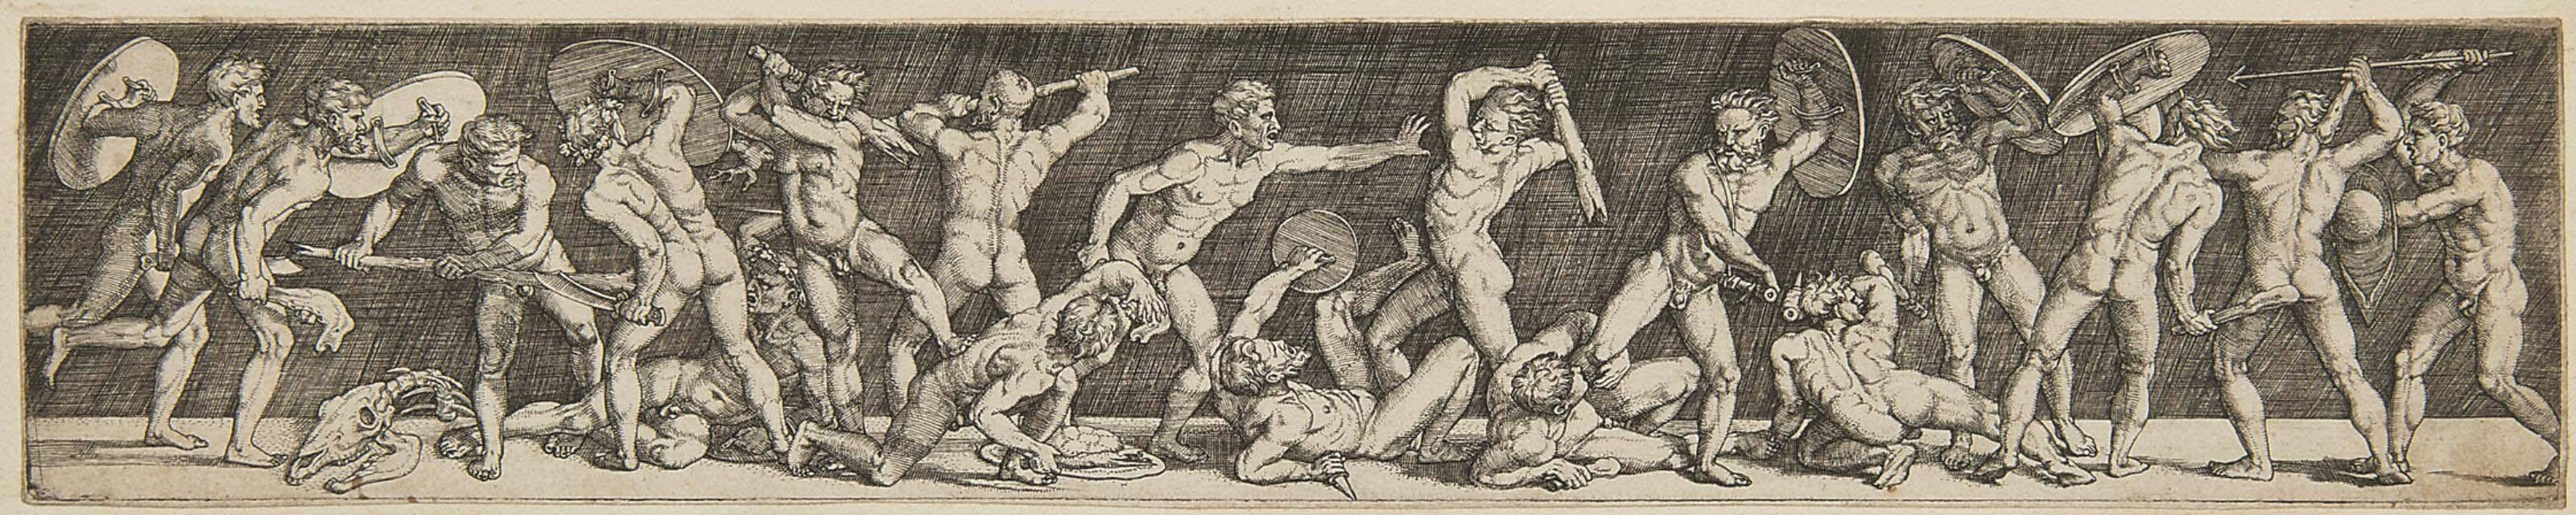 Battle of Eighteen Nude Men (Bartsch 16; Pauli 25)